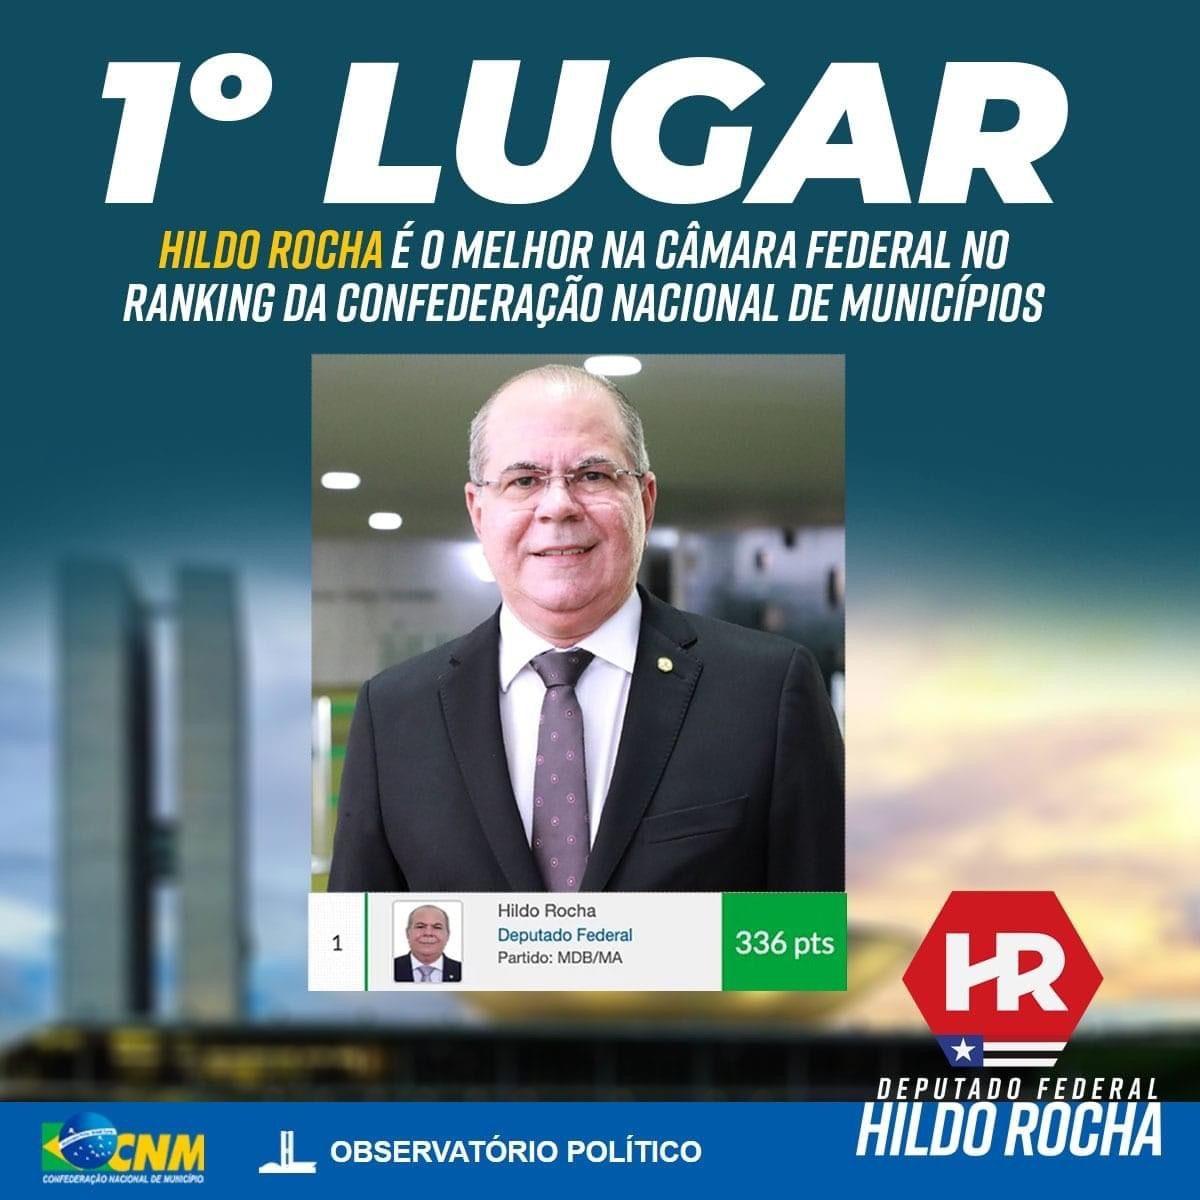 Confederação Nacional dos Prefeitos elege Hildo Rocha como melhor deputado do Brasil